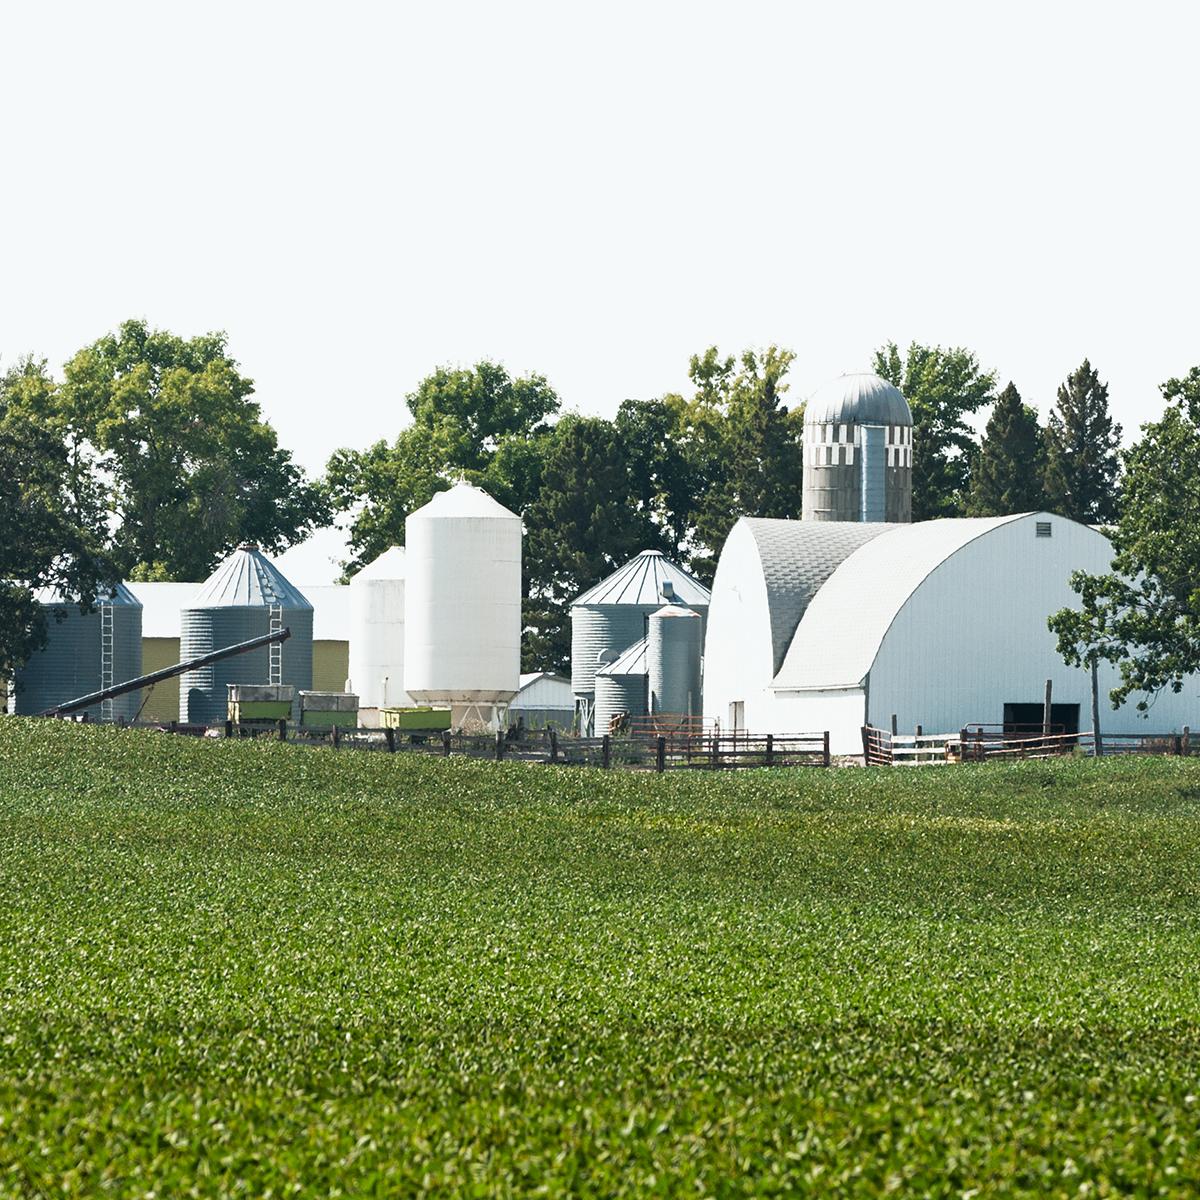 Farm and Soybean crop